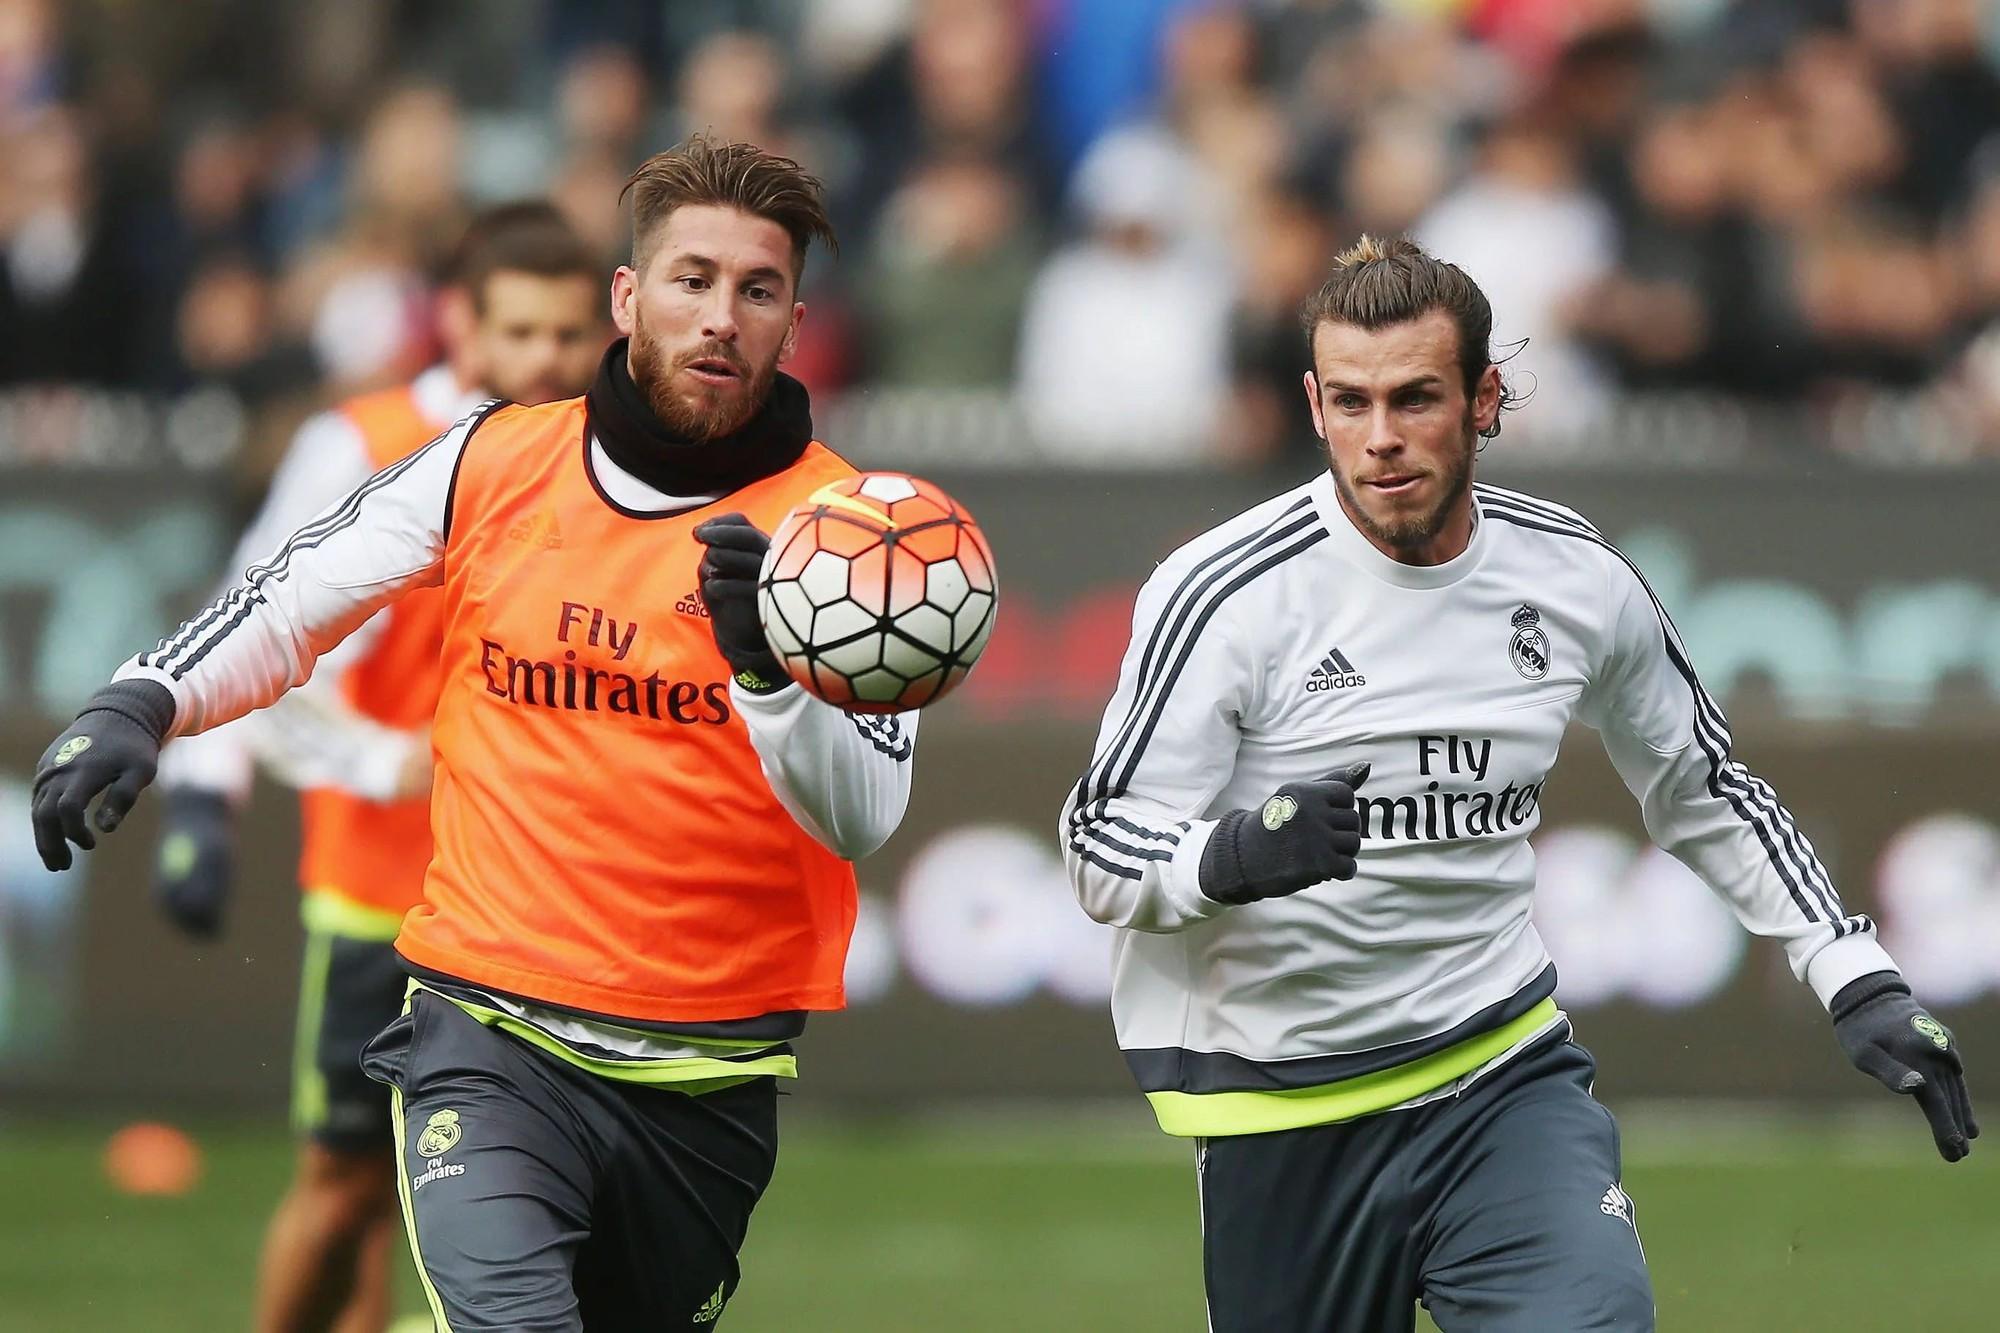 Zidane trở lại R.M: Sao không thể tắm hai lần trên một dòng sông? - Ảnh 8.